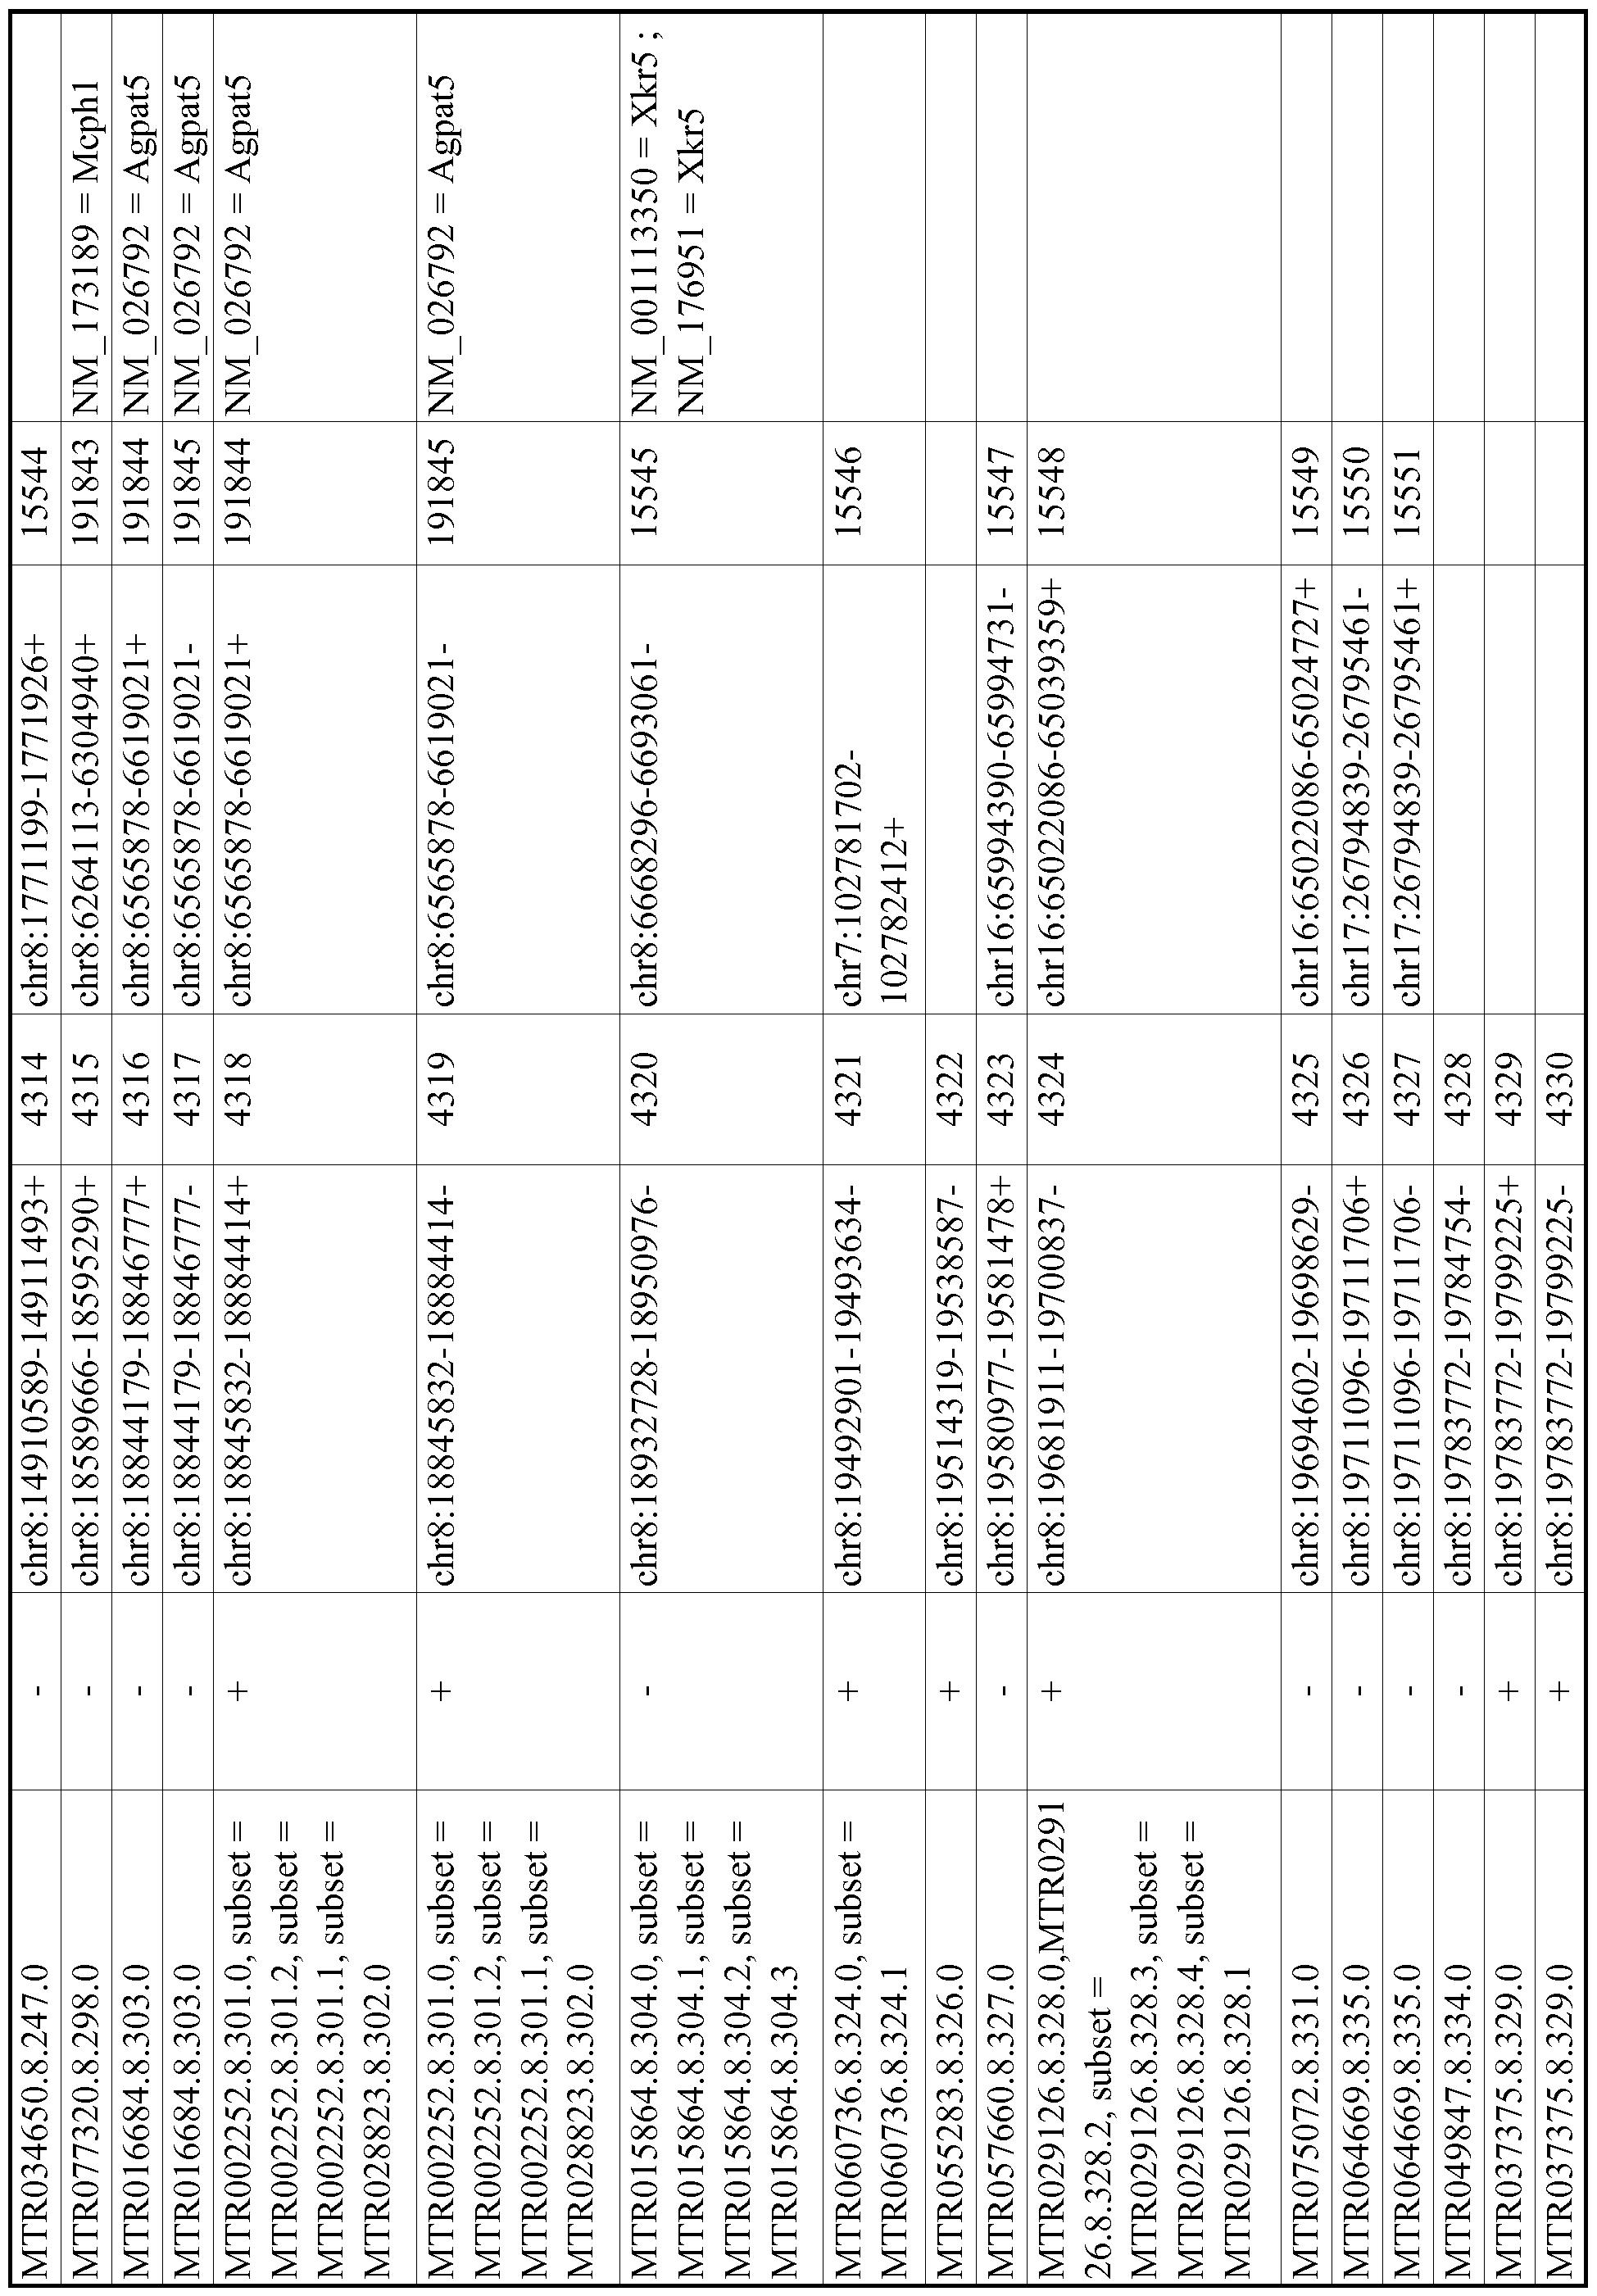 Figure imgf000814_0001